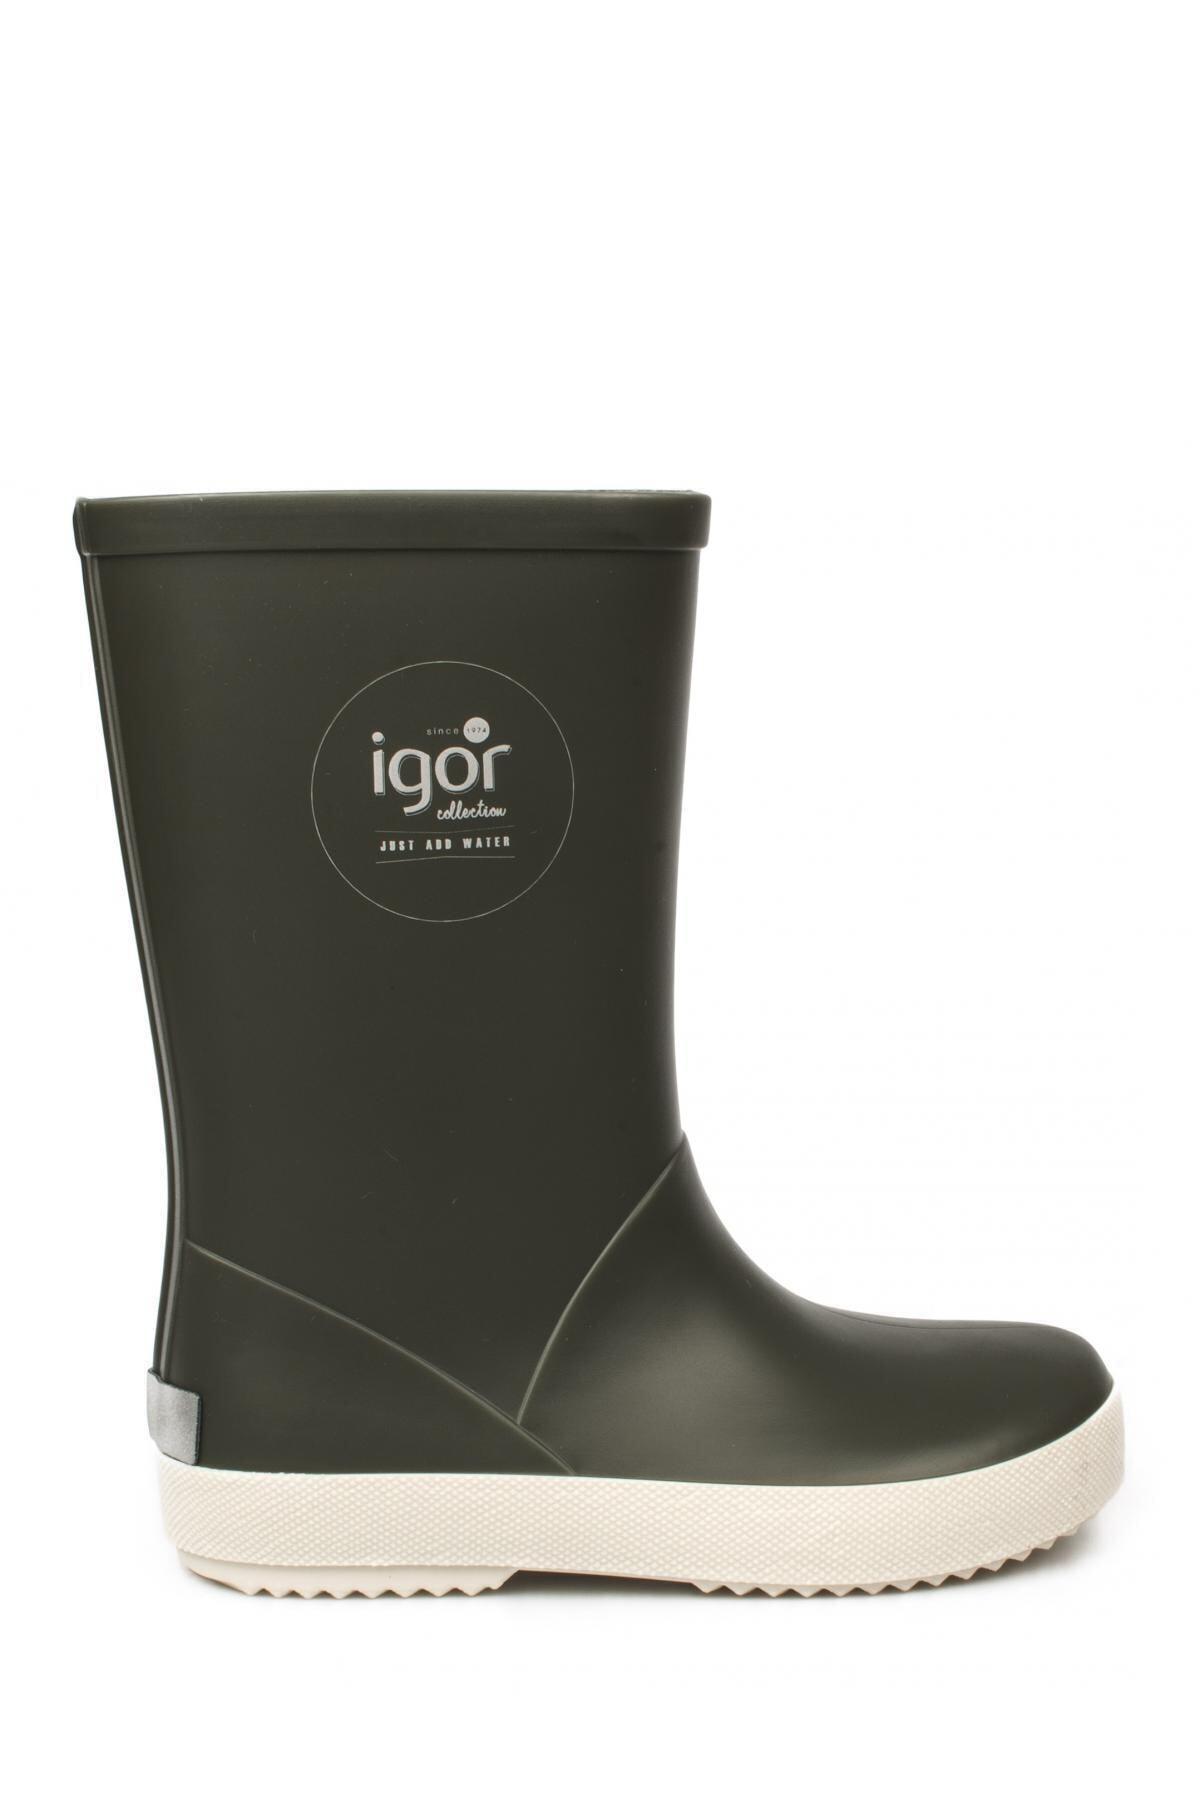 IGOR 10107 Splash Nautico Haki Çocuk Çizme 2